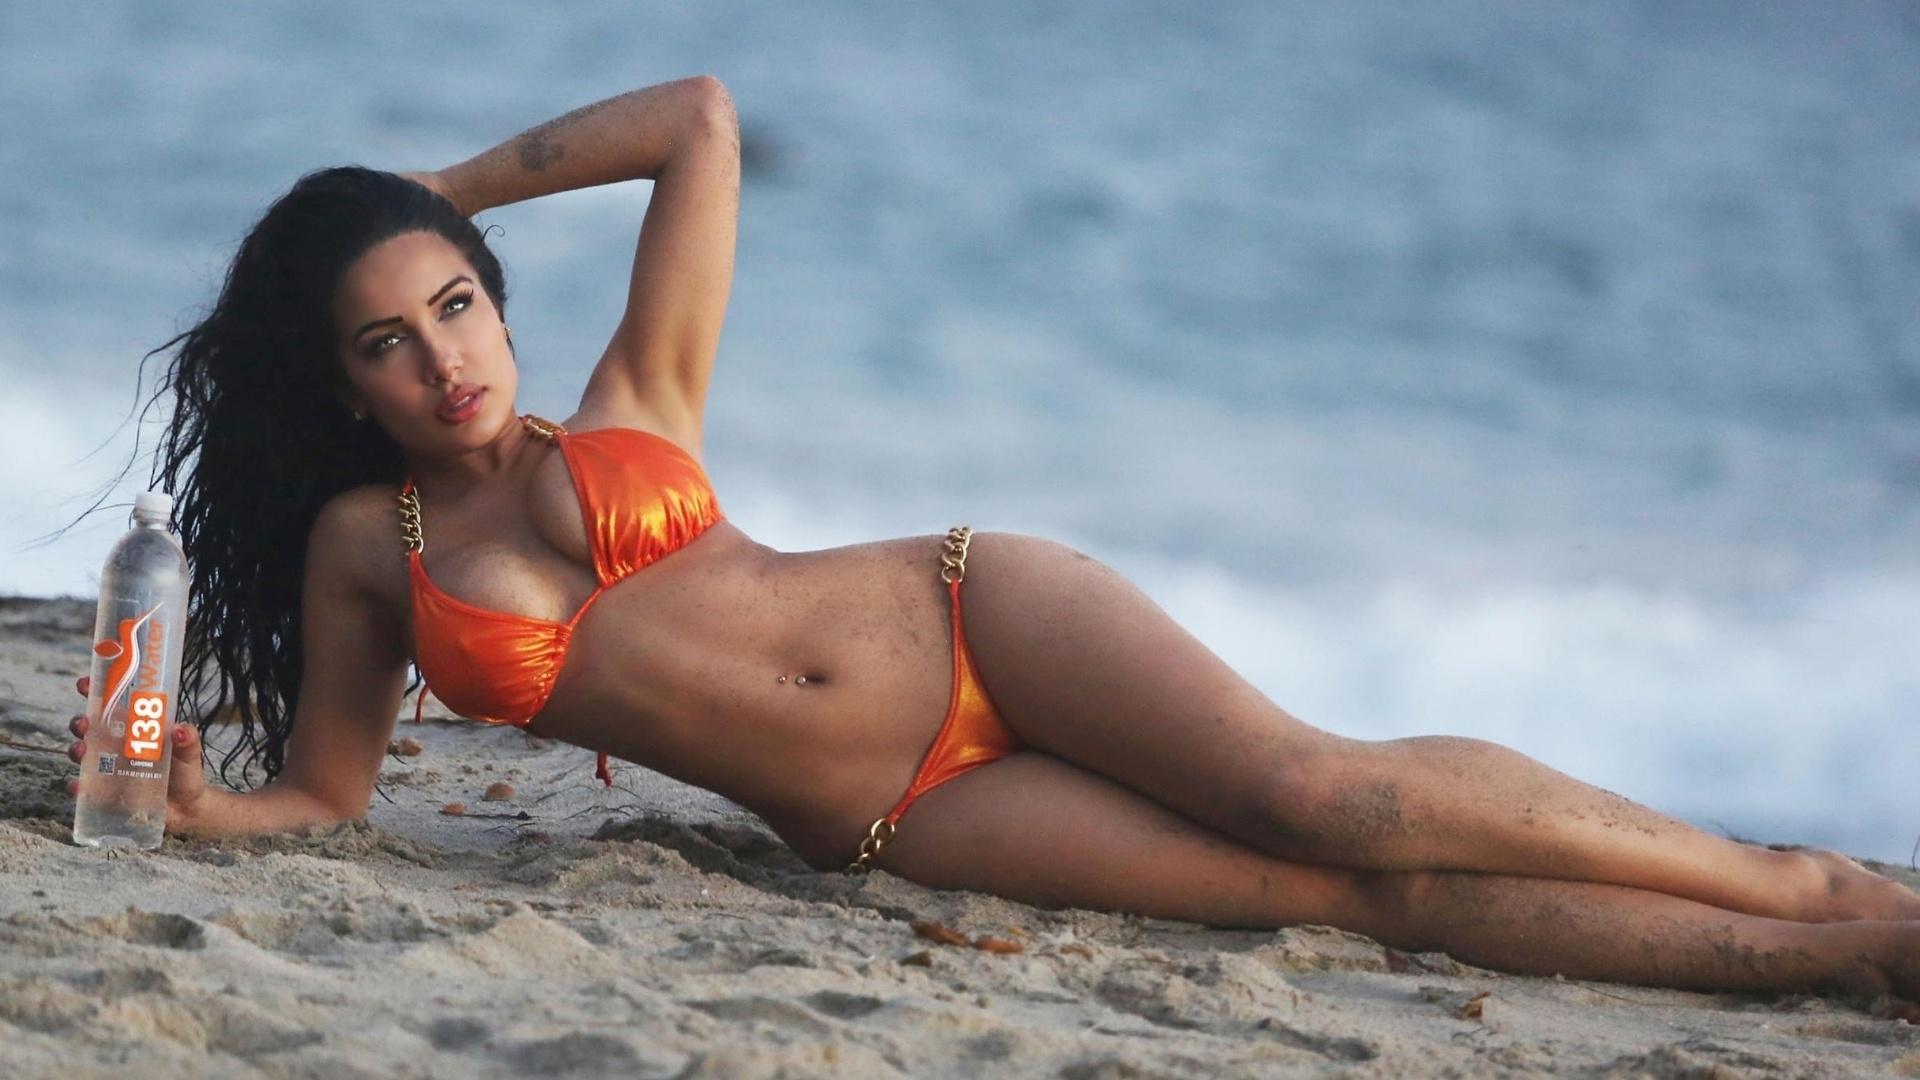 23.out.2015 - Beldade curvilínea sensualizou durante o ensaio, realizado em uma praia de Malibu, na Califórnia (EUA)